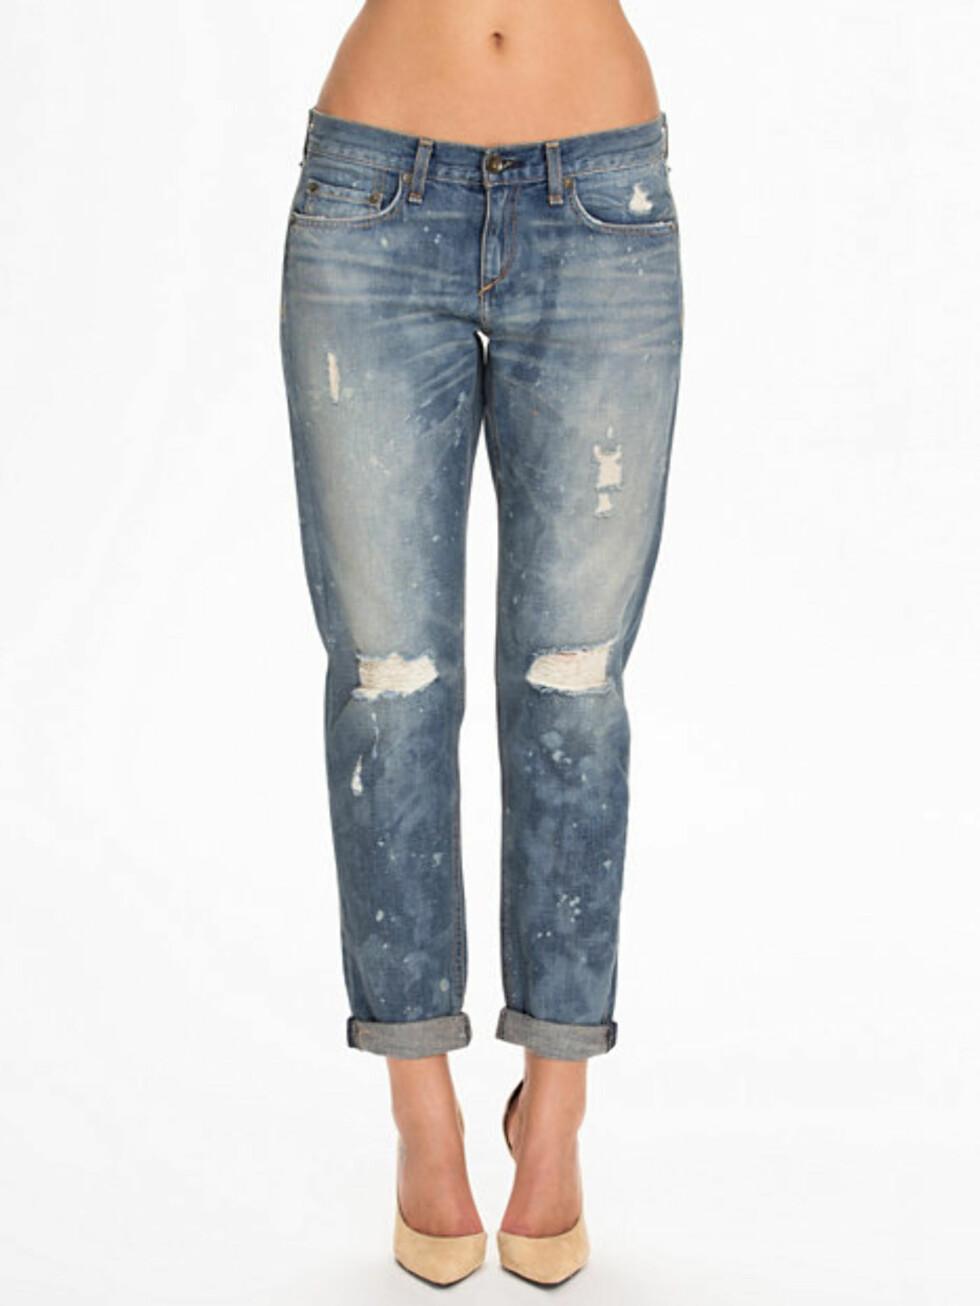 Jeans fra Rag & Bone via Nelly.com, før kr 2395 - nå kr 1197. Foto: Nelly.com